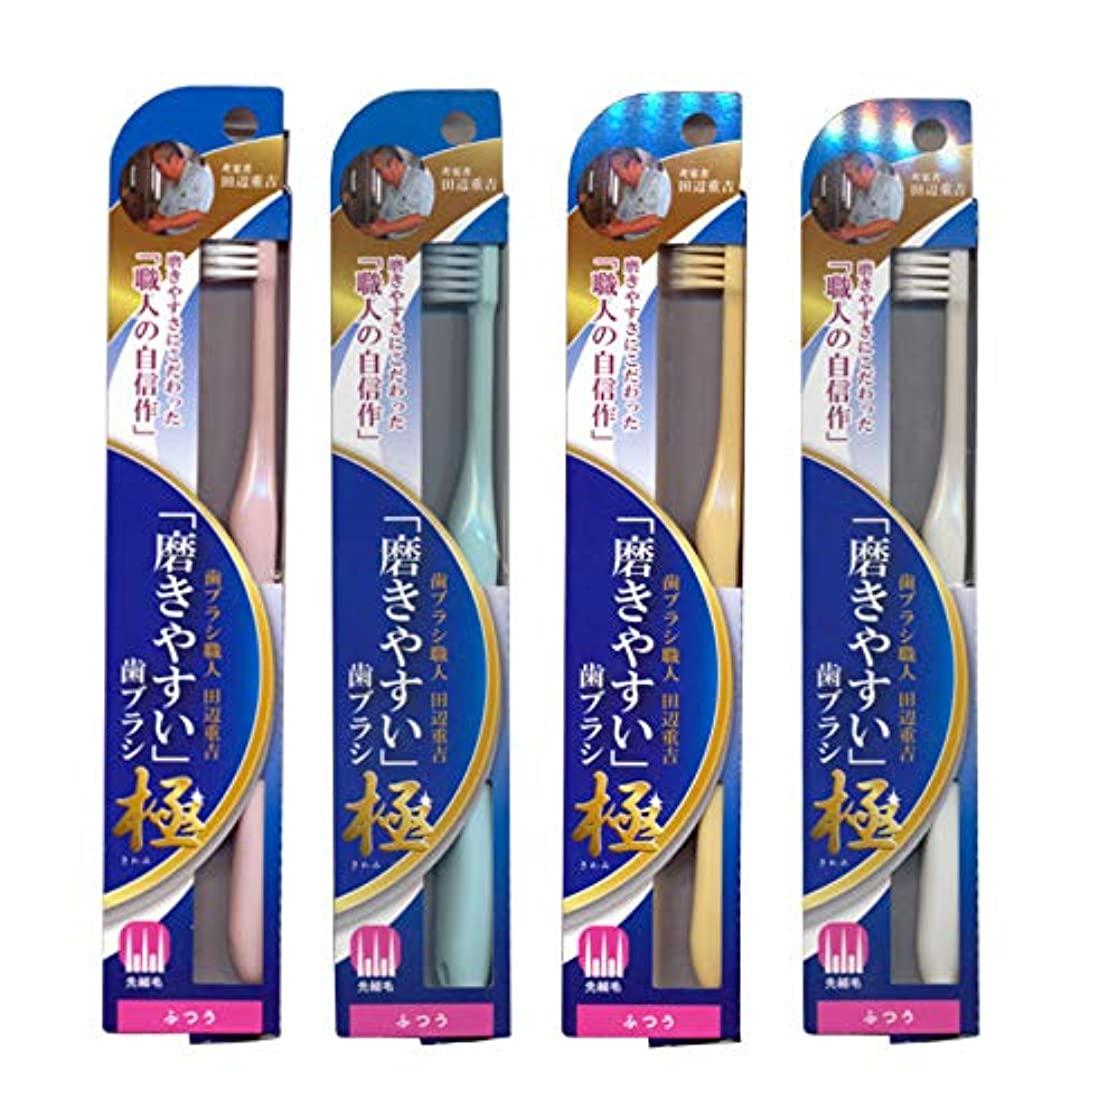 電卓旋律的ジェム磨きやすい歯ブラシ極 (ふつう) LT-44×4本セット(ピンク×1、ブルー×1、ホワイト×1、イエロー×1)先細毛